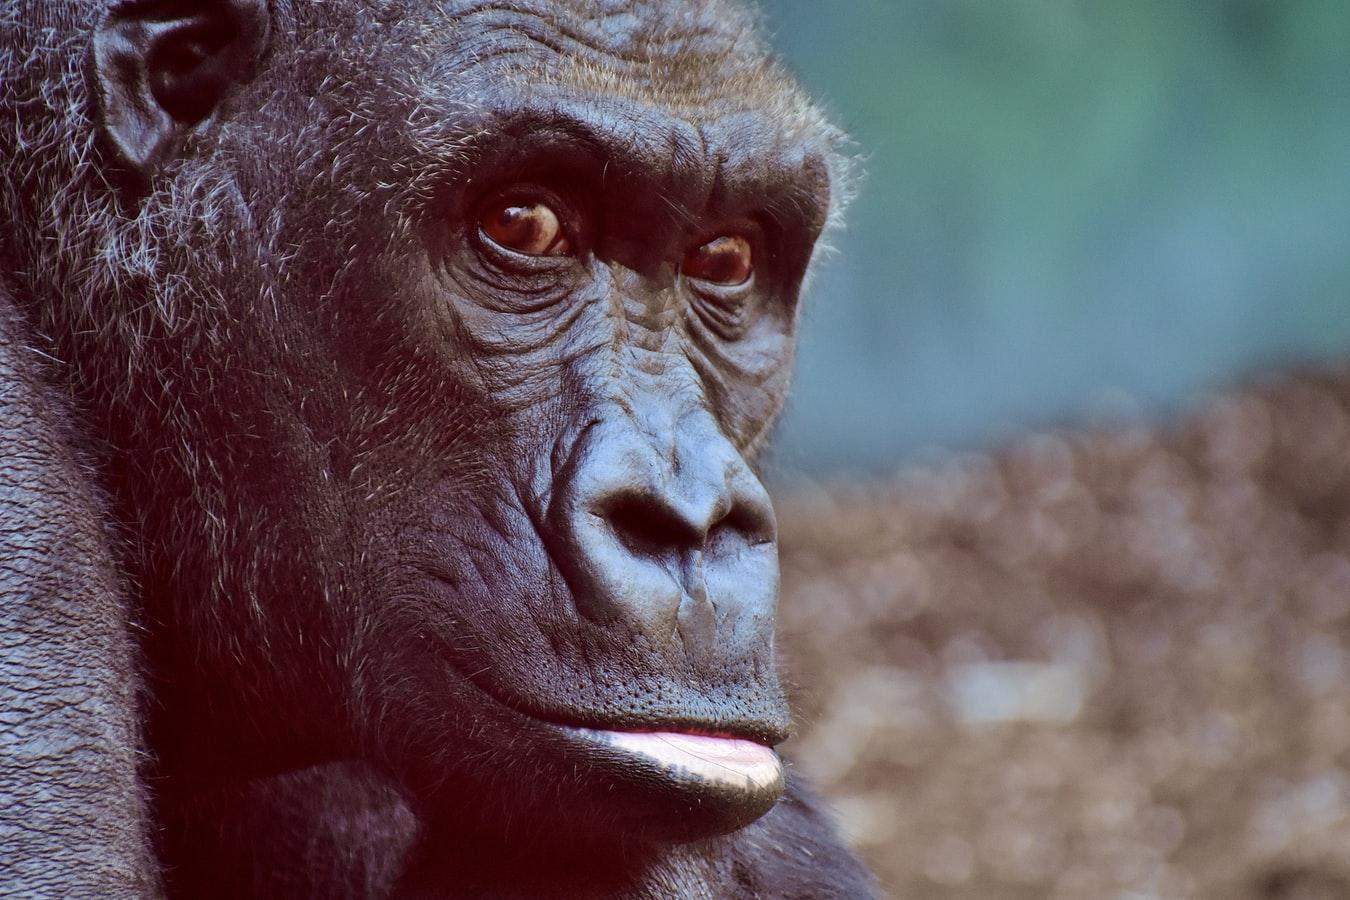 То, что гориллы болеют коронавирусом, изрядно беспокоит ученых